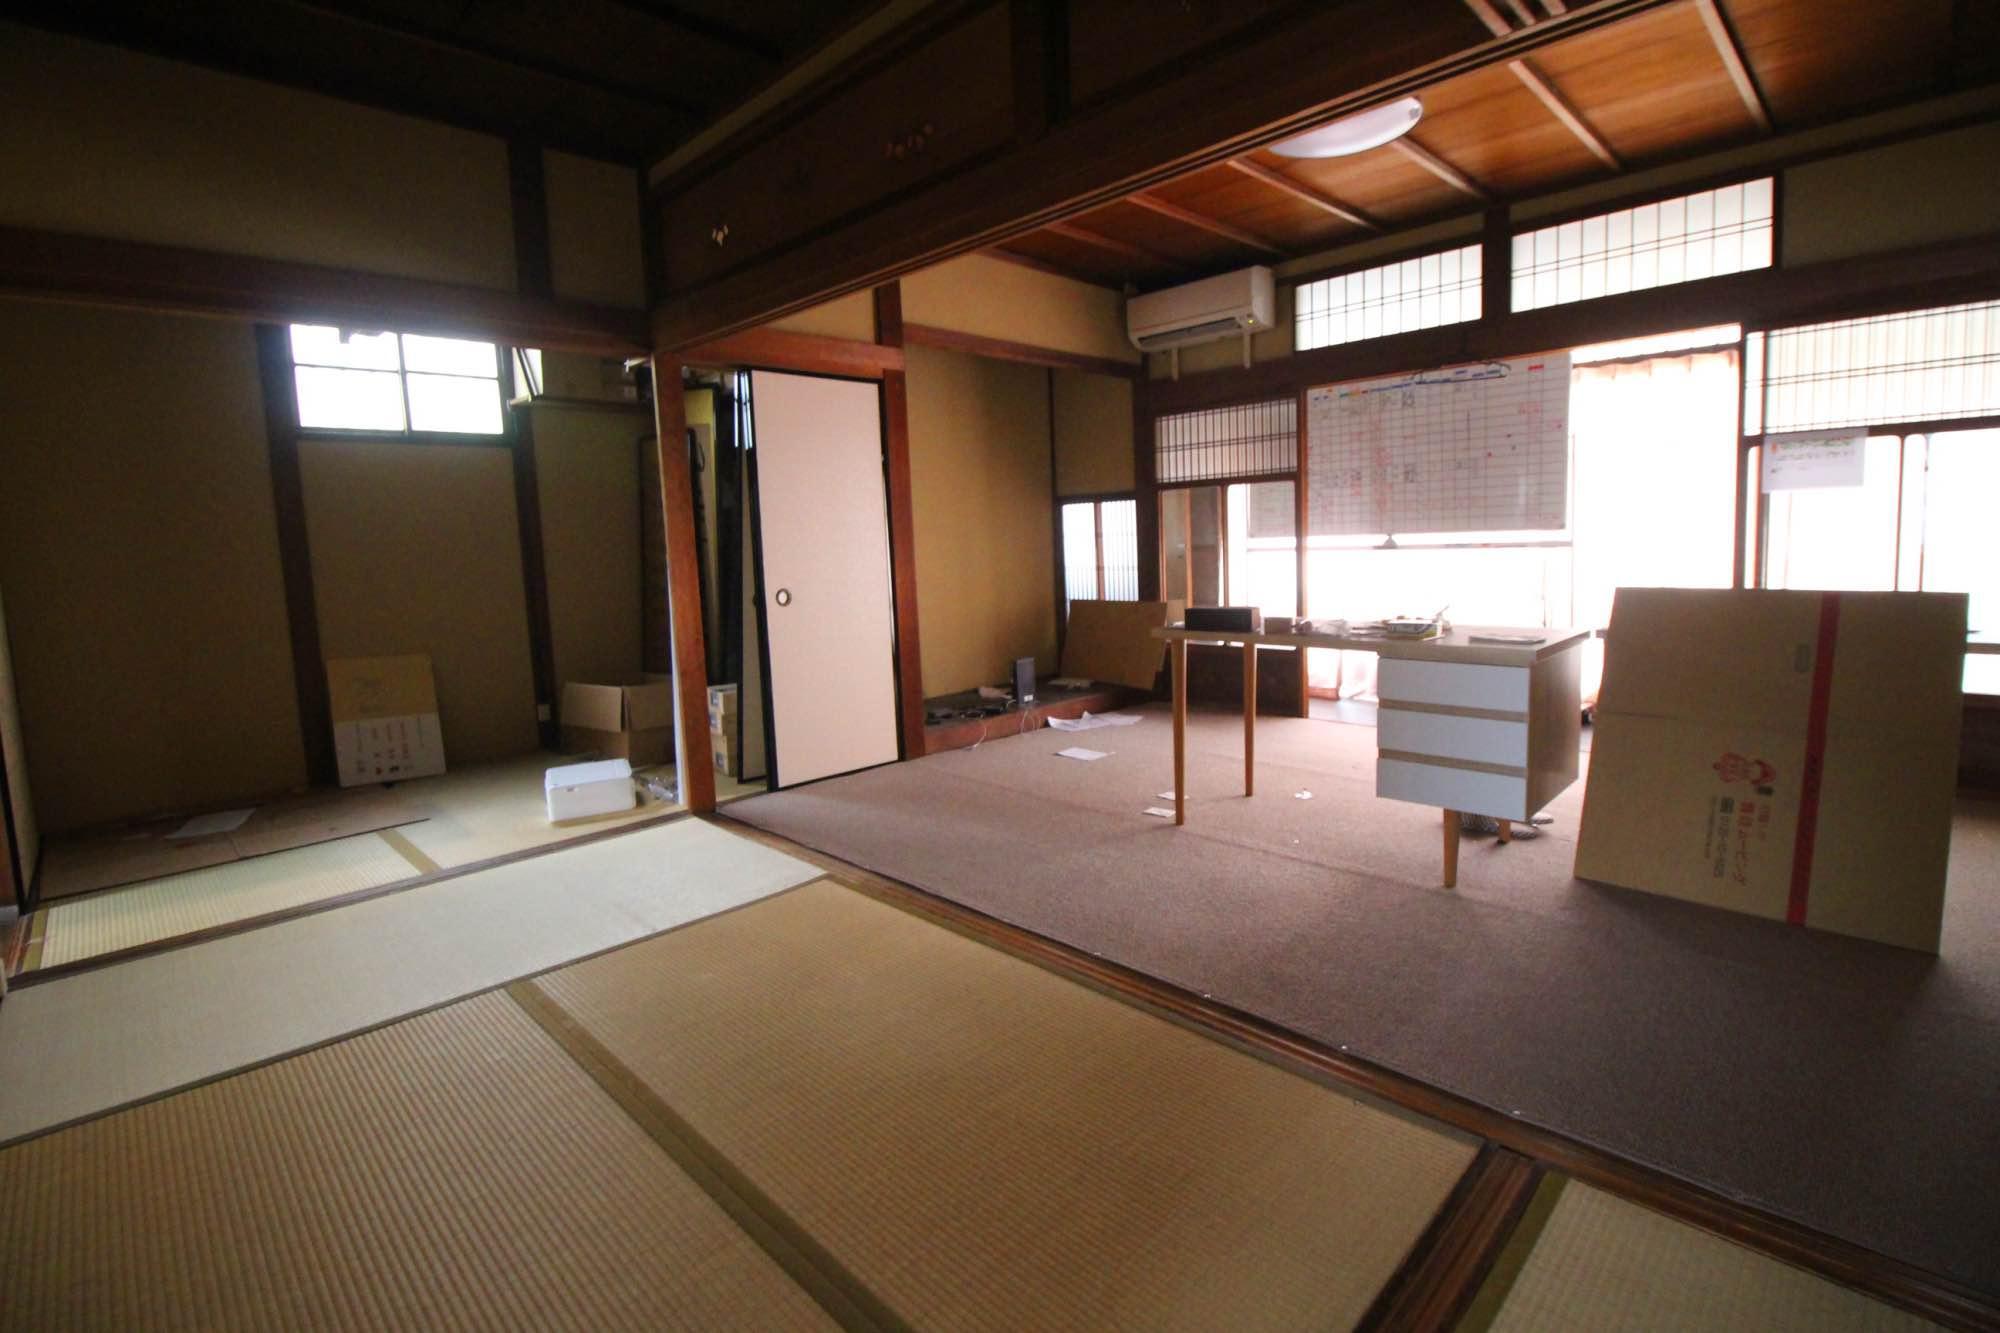 事務所として使用していた部屋。